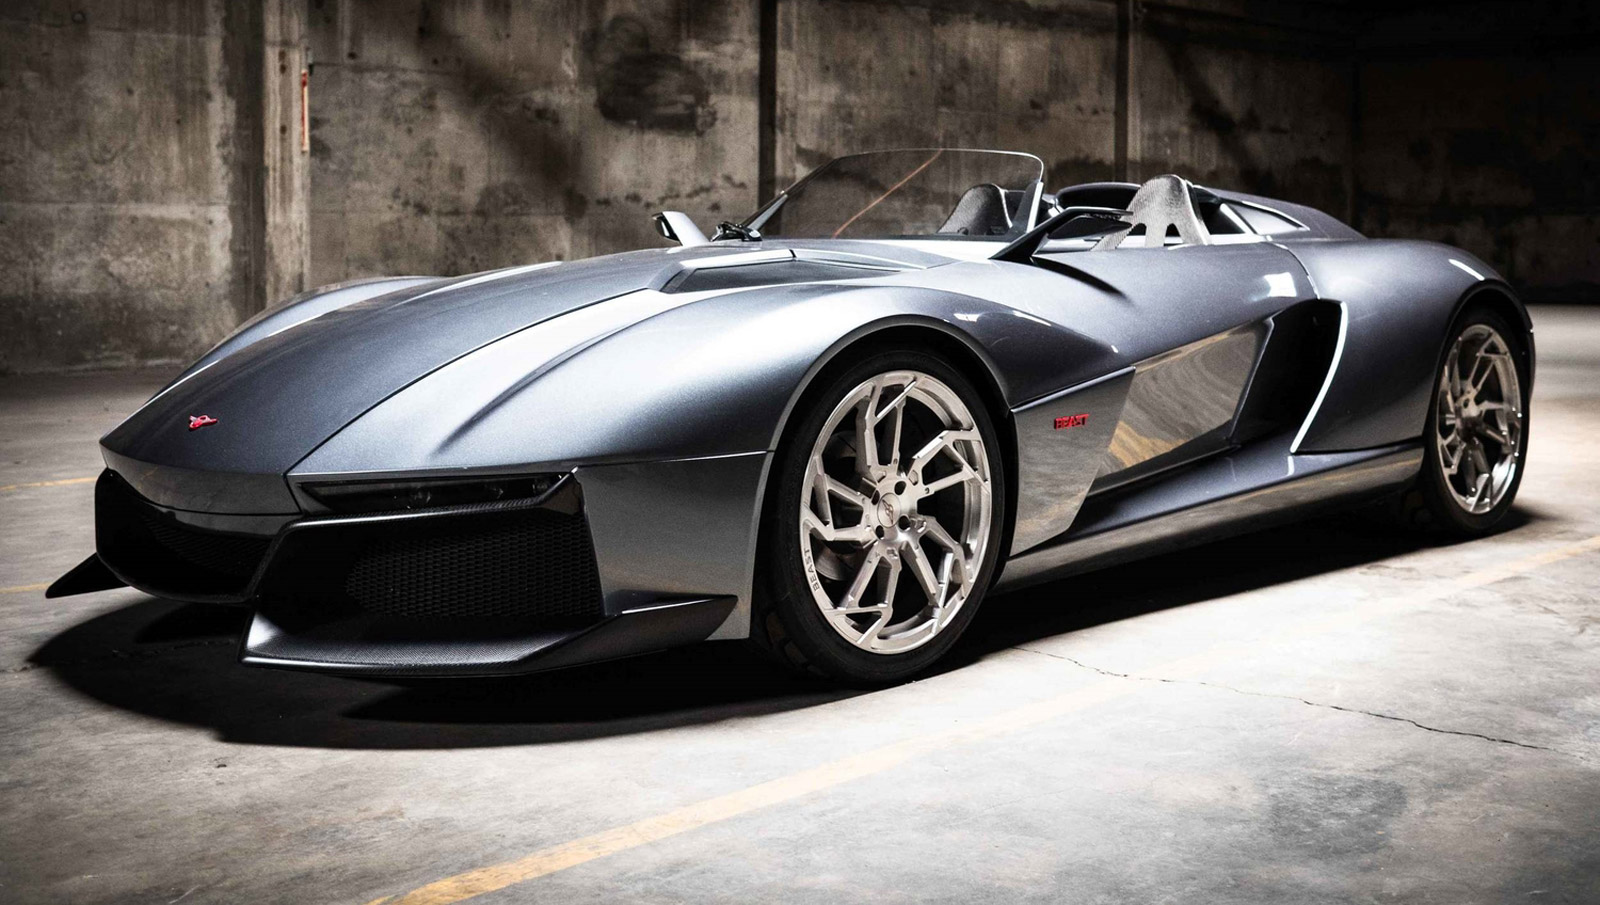 500-Horsepower Rezvani Beast Revealed In The Carbon Fiber ...